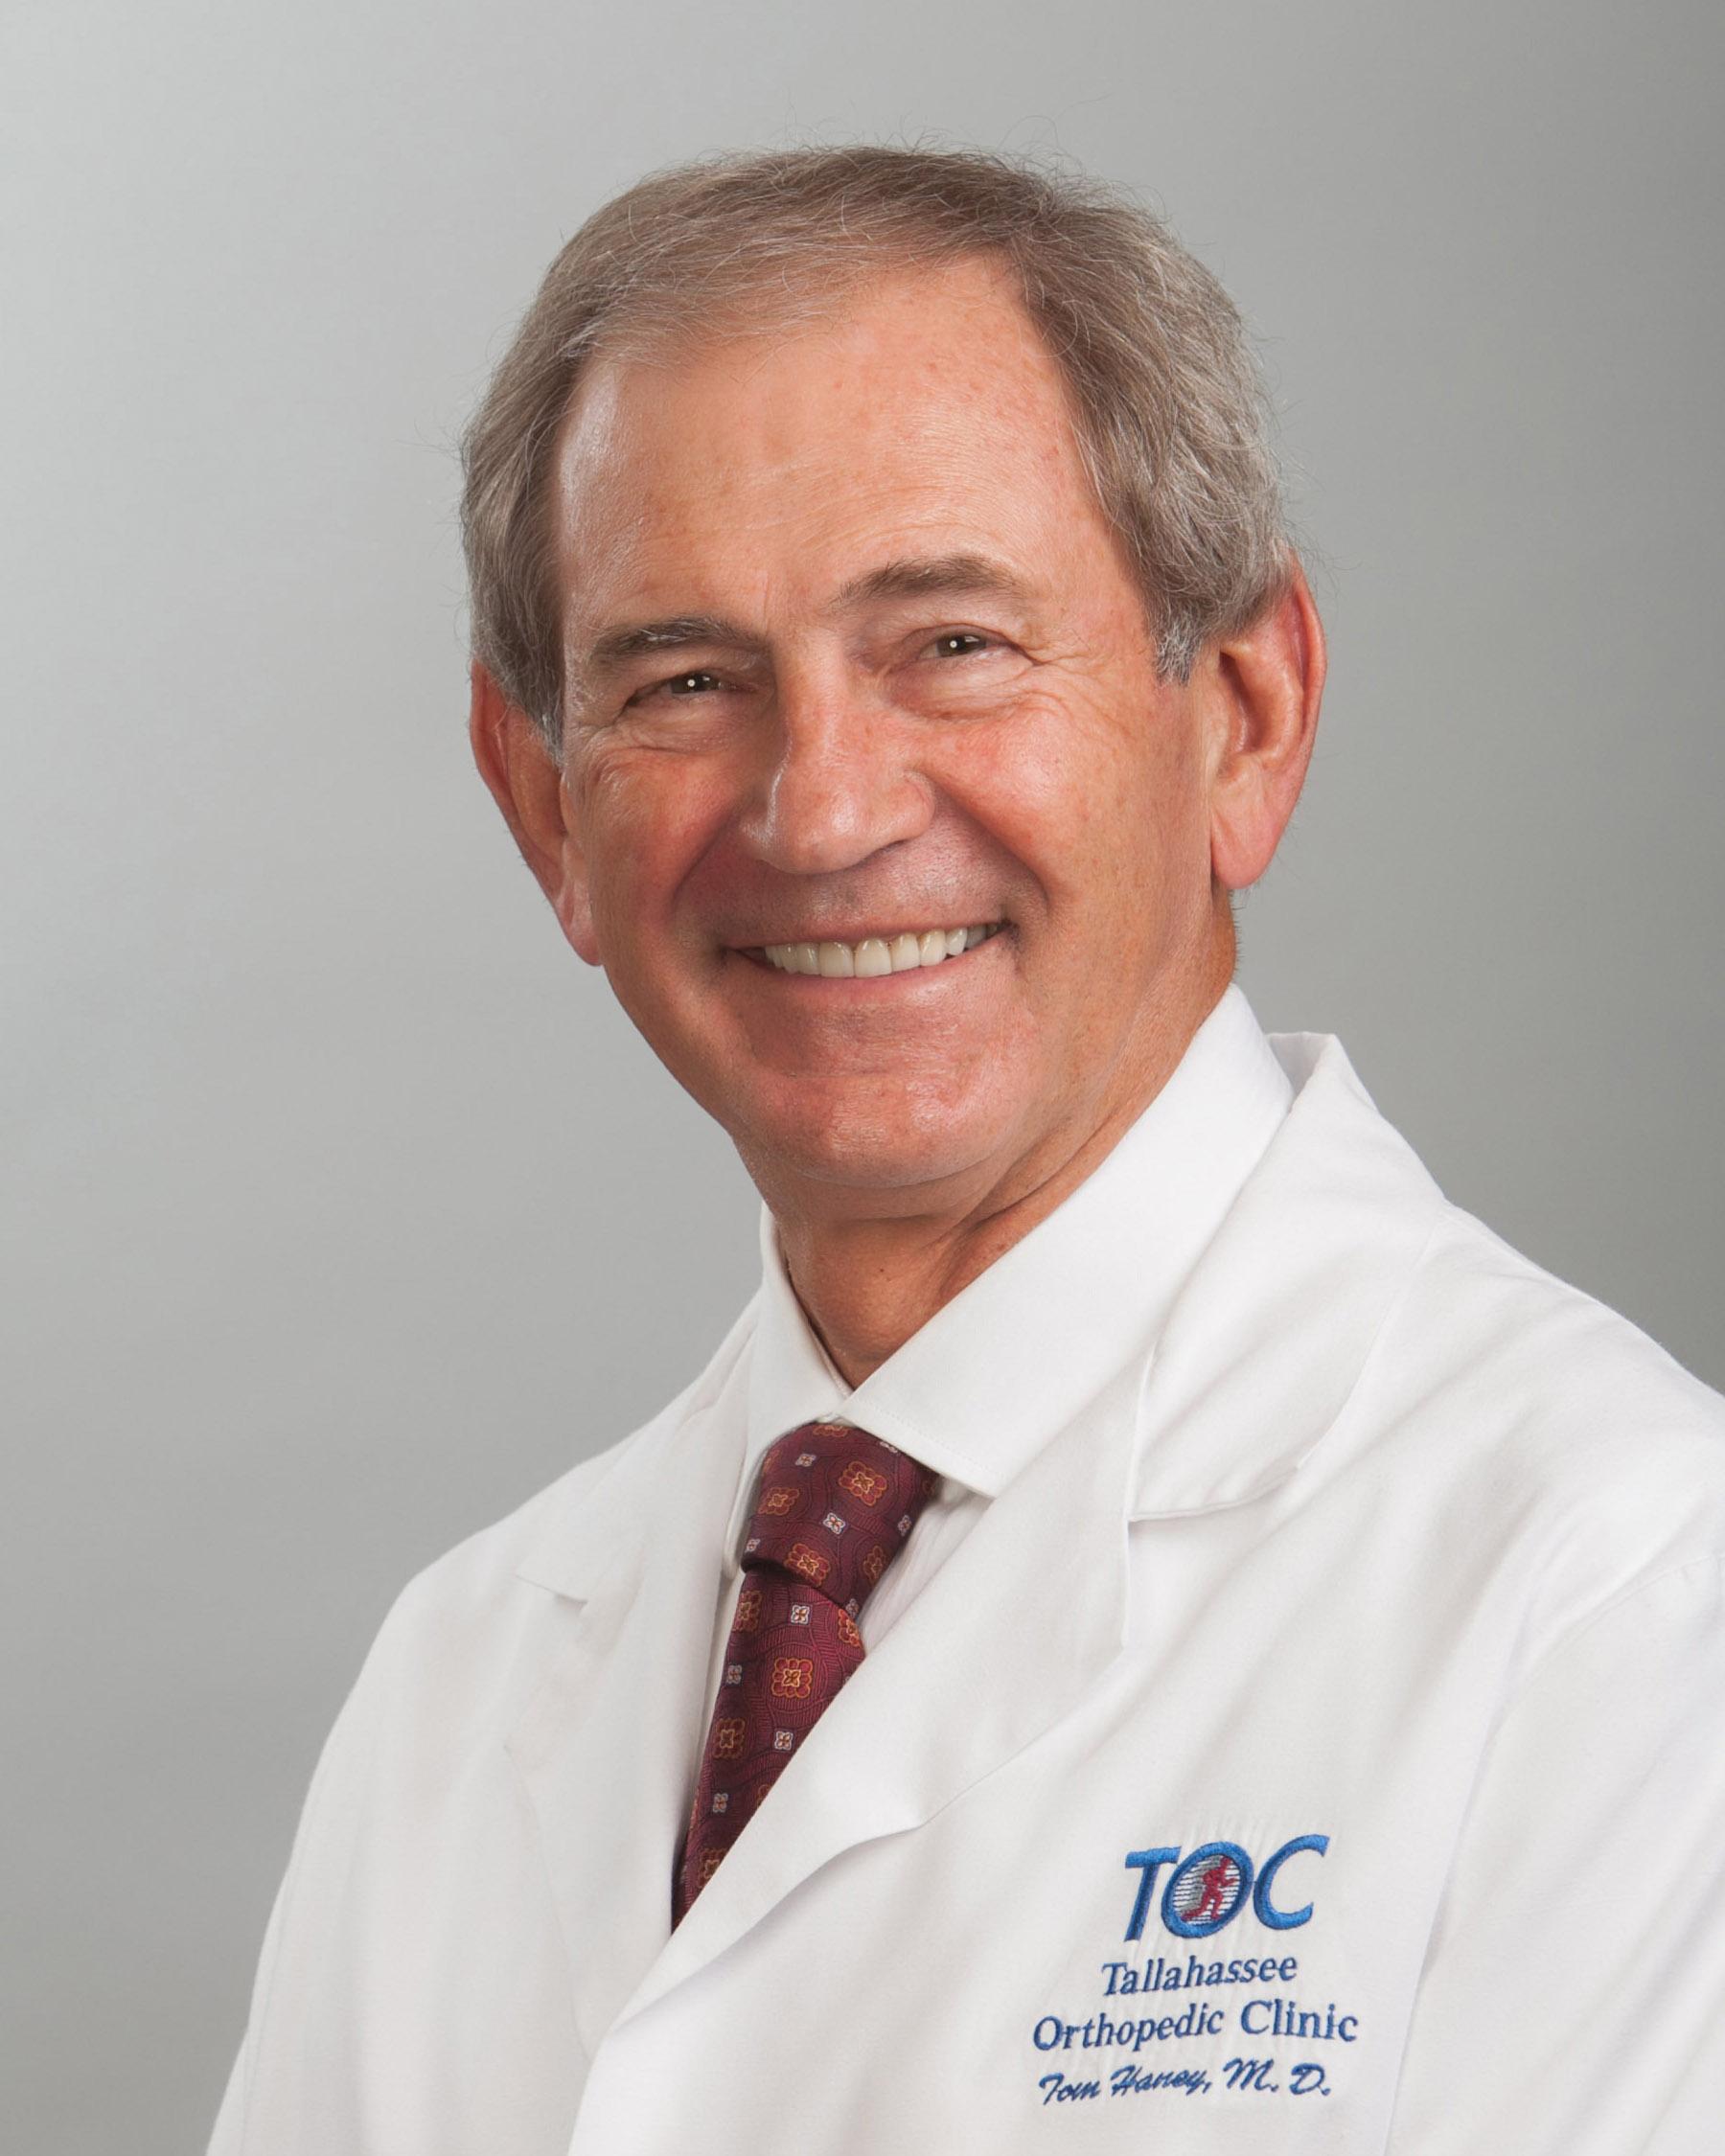 Tom C. Haney, M.D.